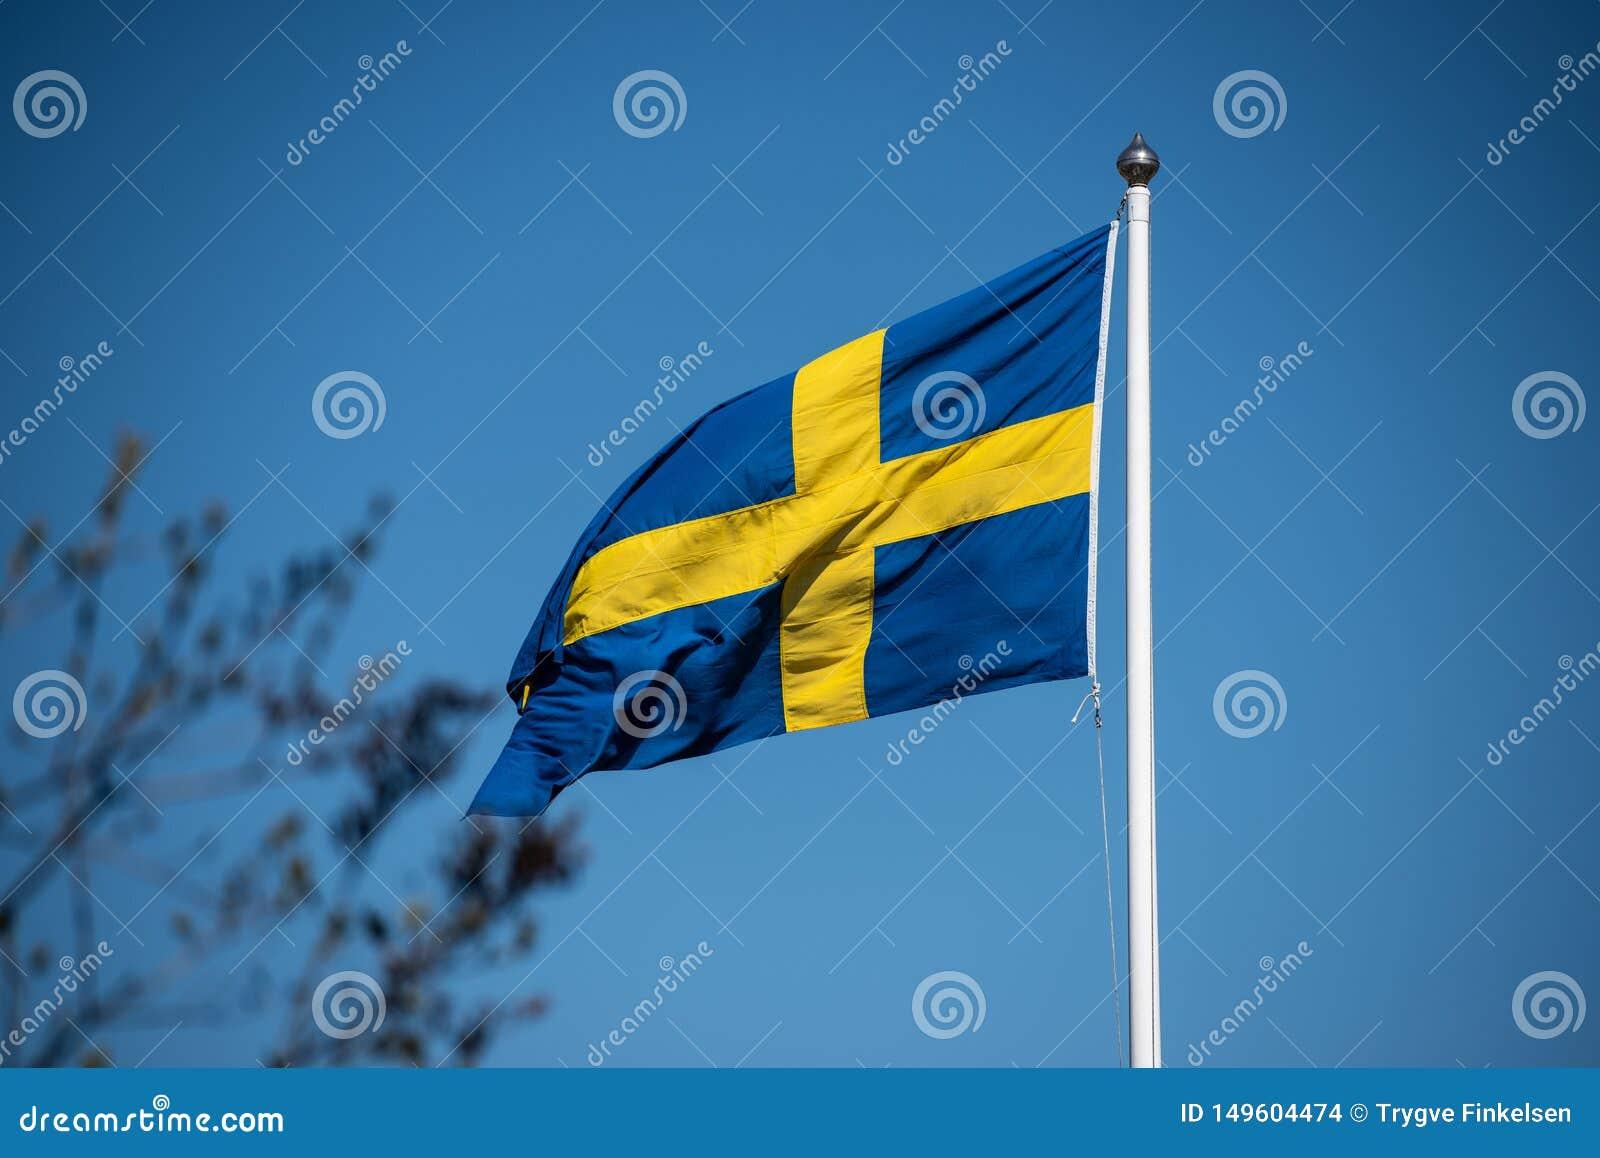 Bandeira sueco em um polo de bandeira